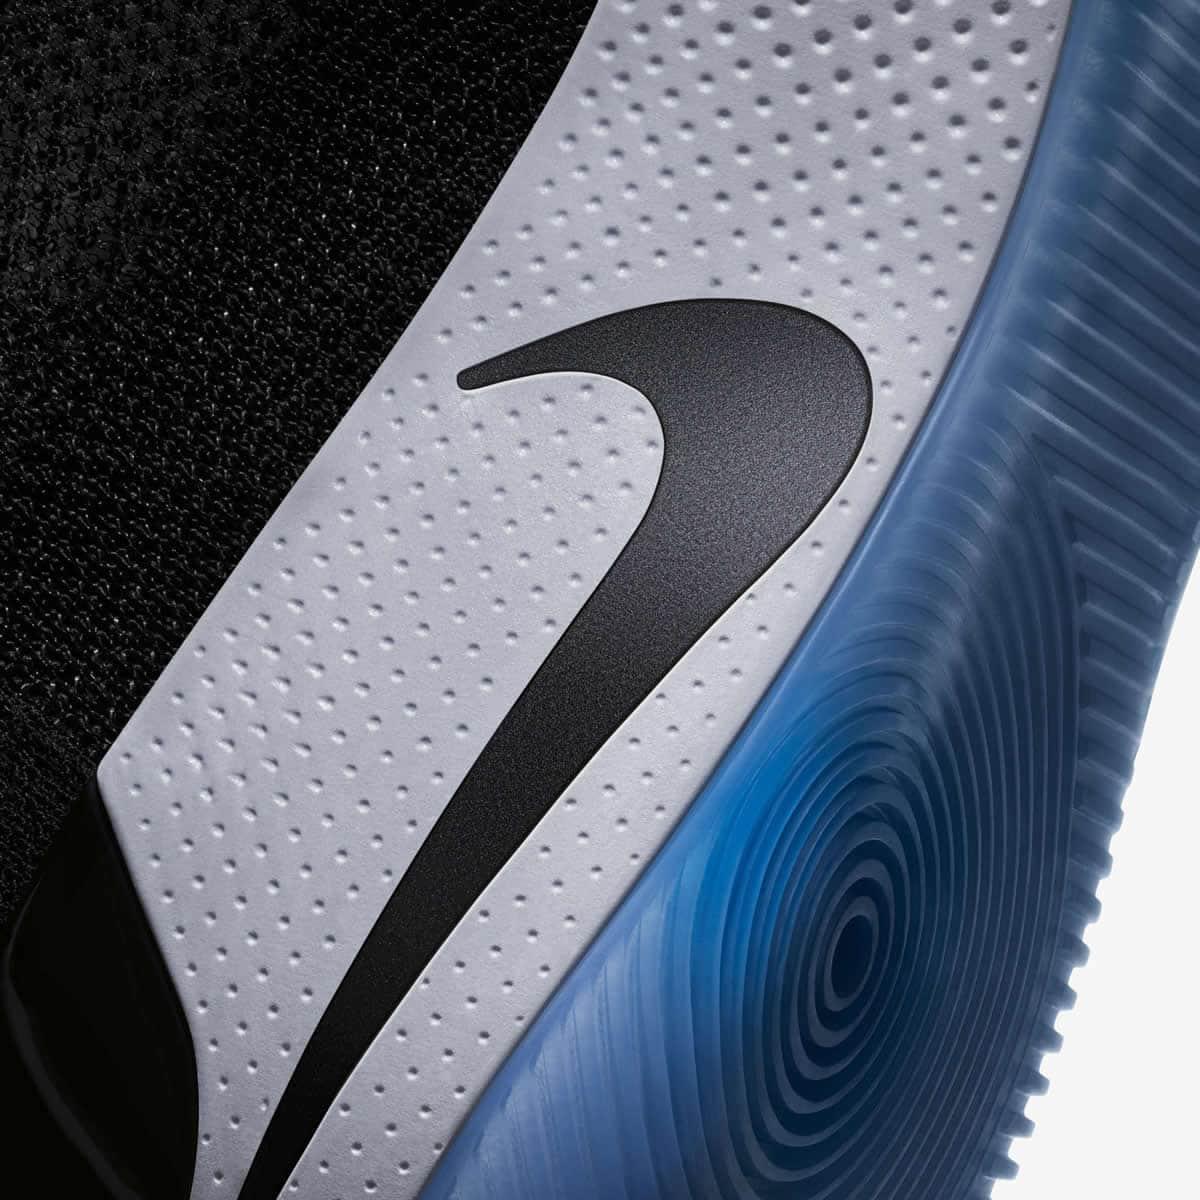 bb87c6c78cf Neste momento temos um pequeno motor dentro das Nike Adapt BB. Com um  simples clique através da aplicação para smartphone este entra em ação.